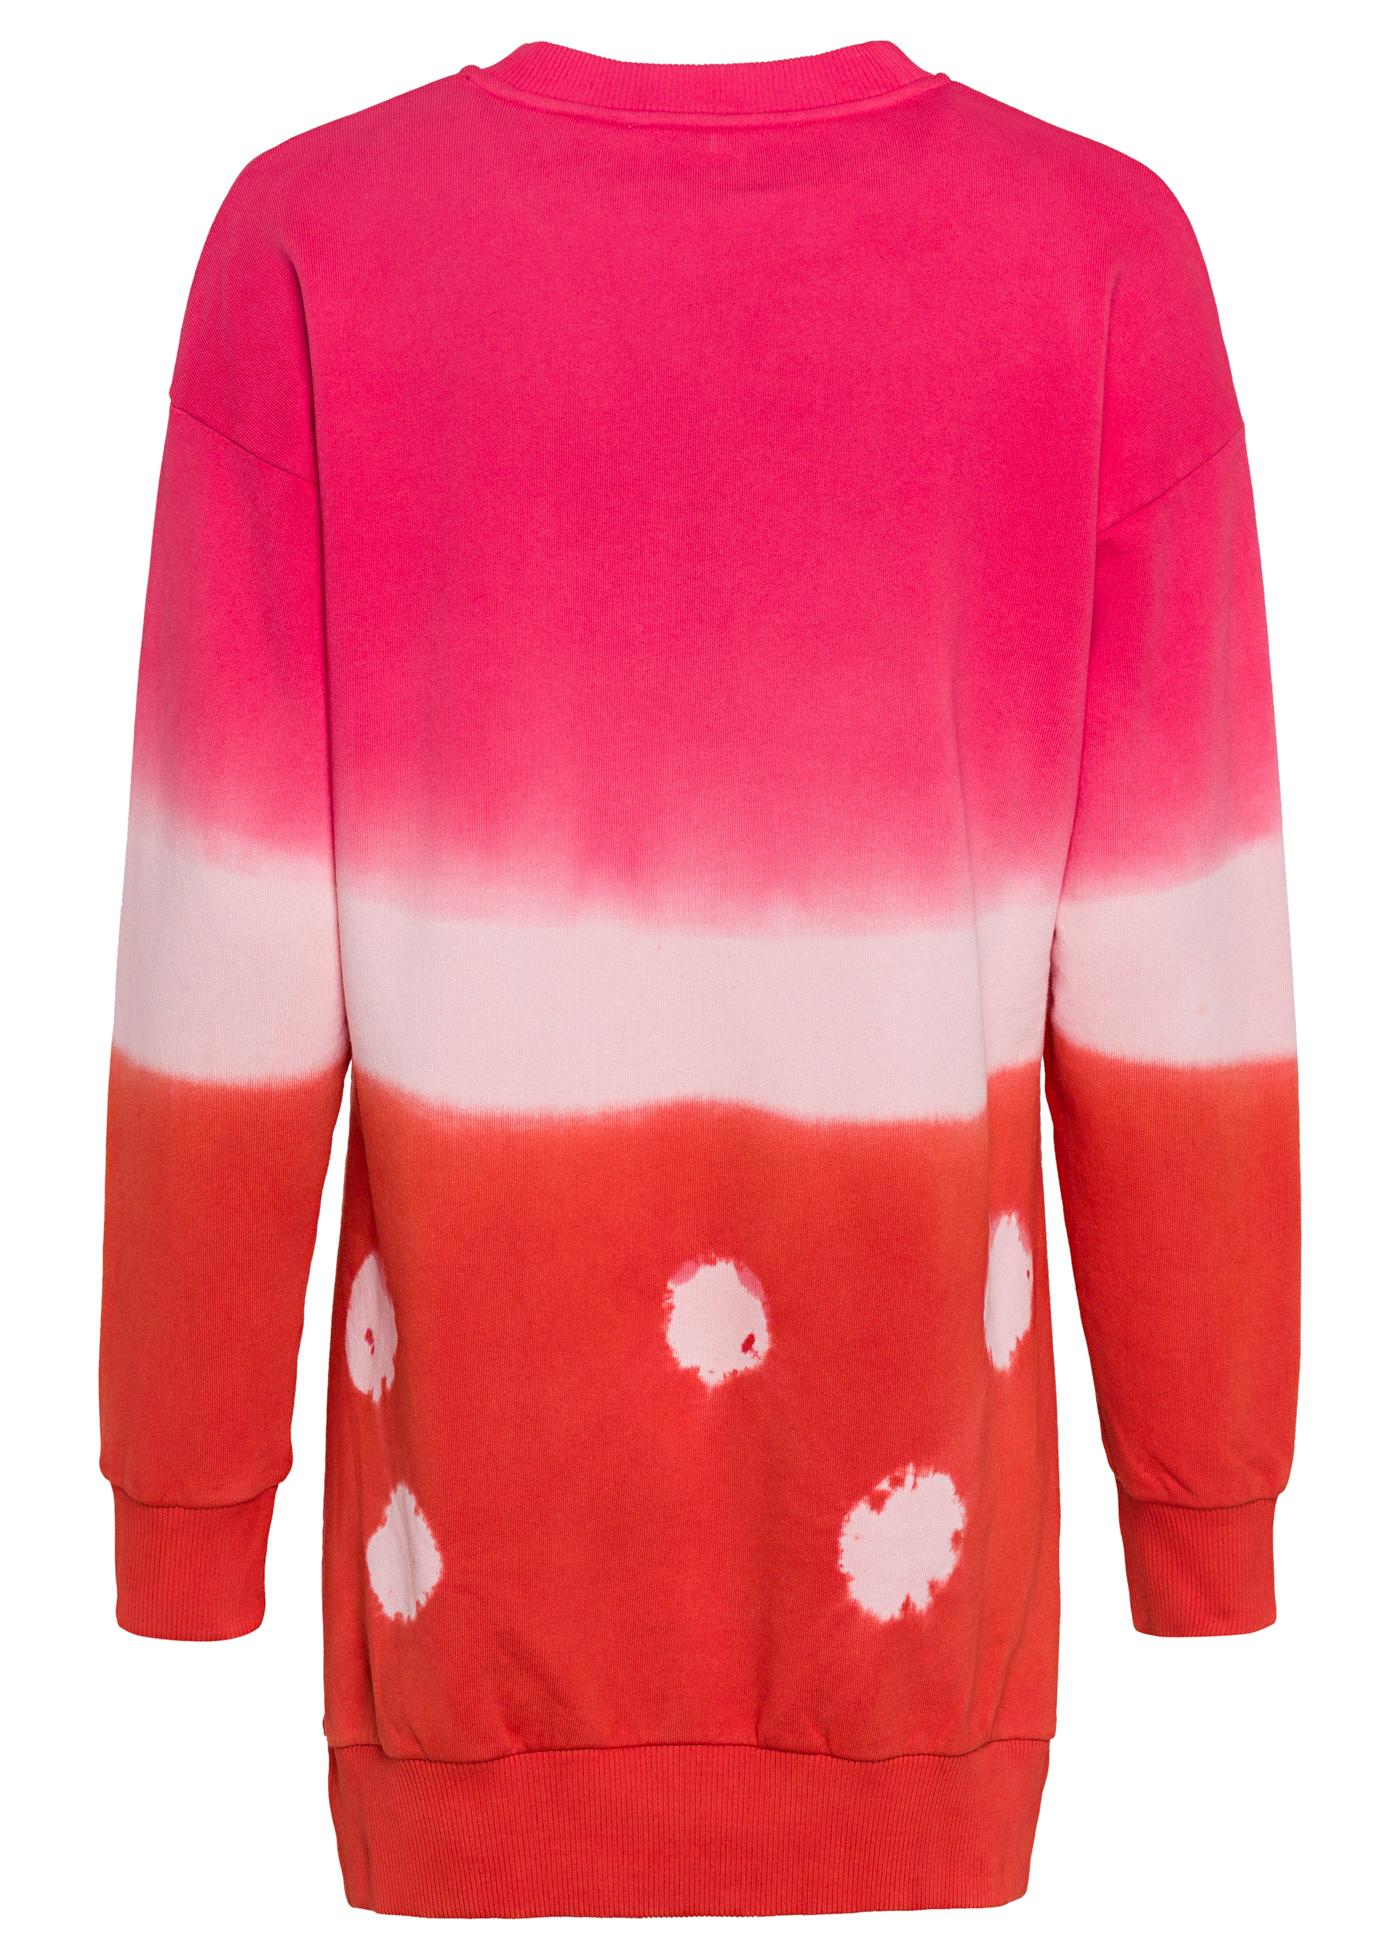 Shiboti Tie Dye Sweatshirt image number 1